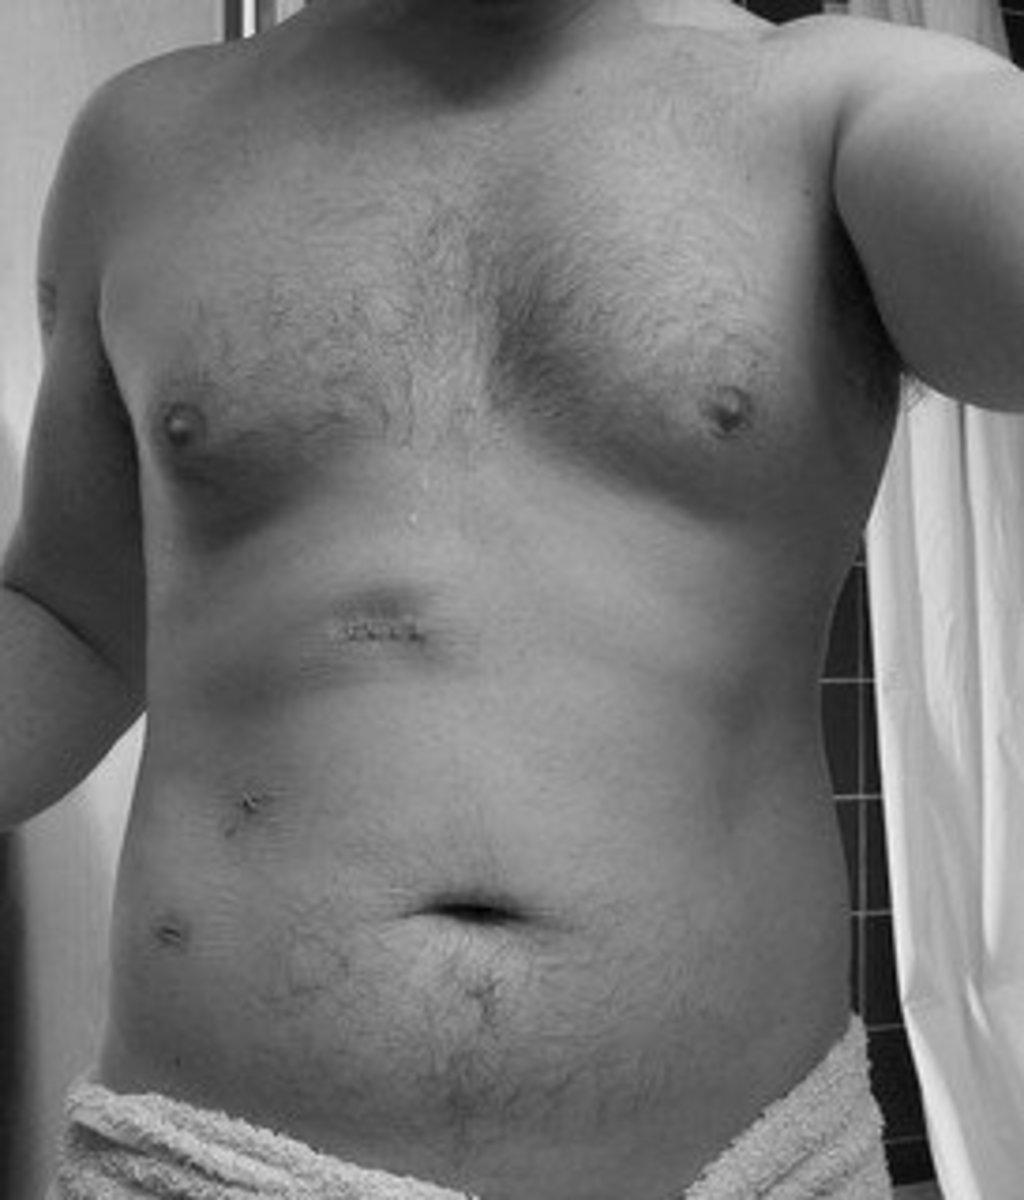 Scars after gallbladder removal.